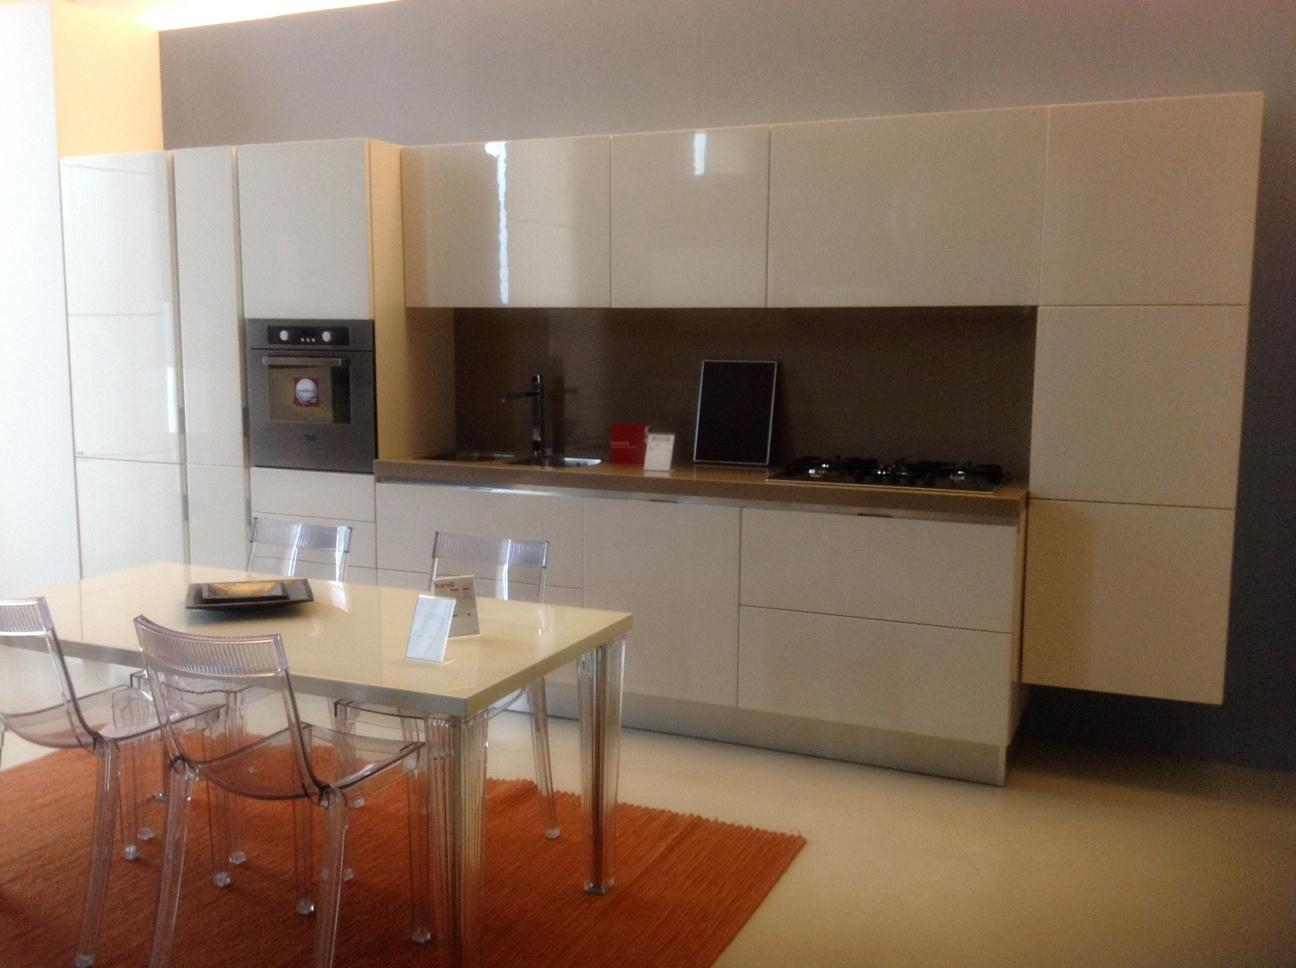 Offerta scavolini scenery cucine a prezzi scontati - Colorare ante cucina ...